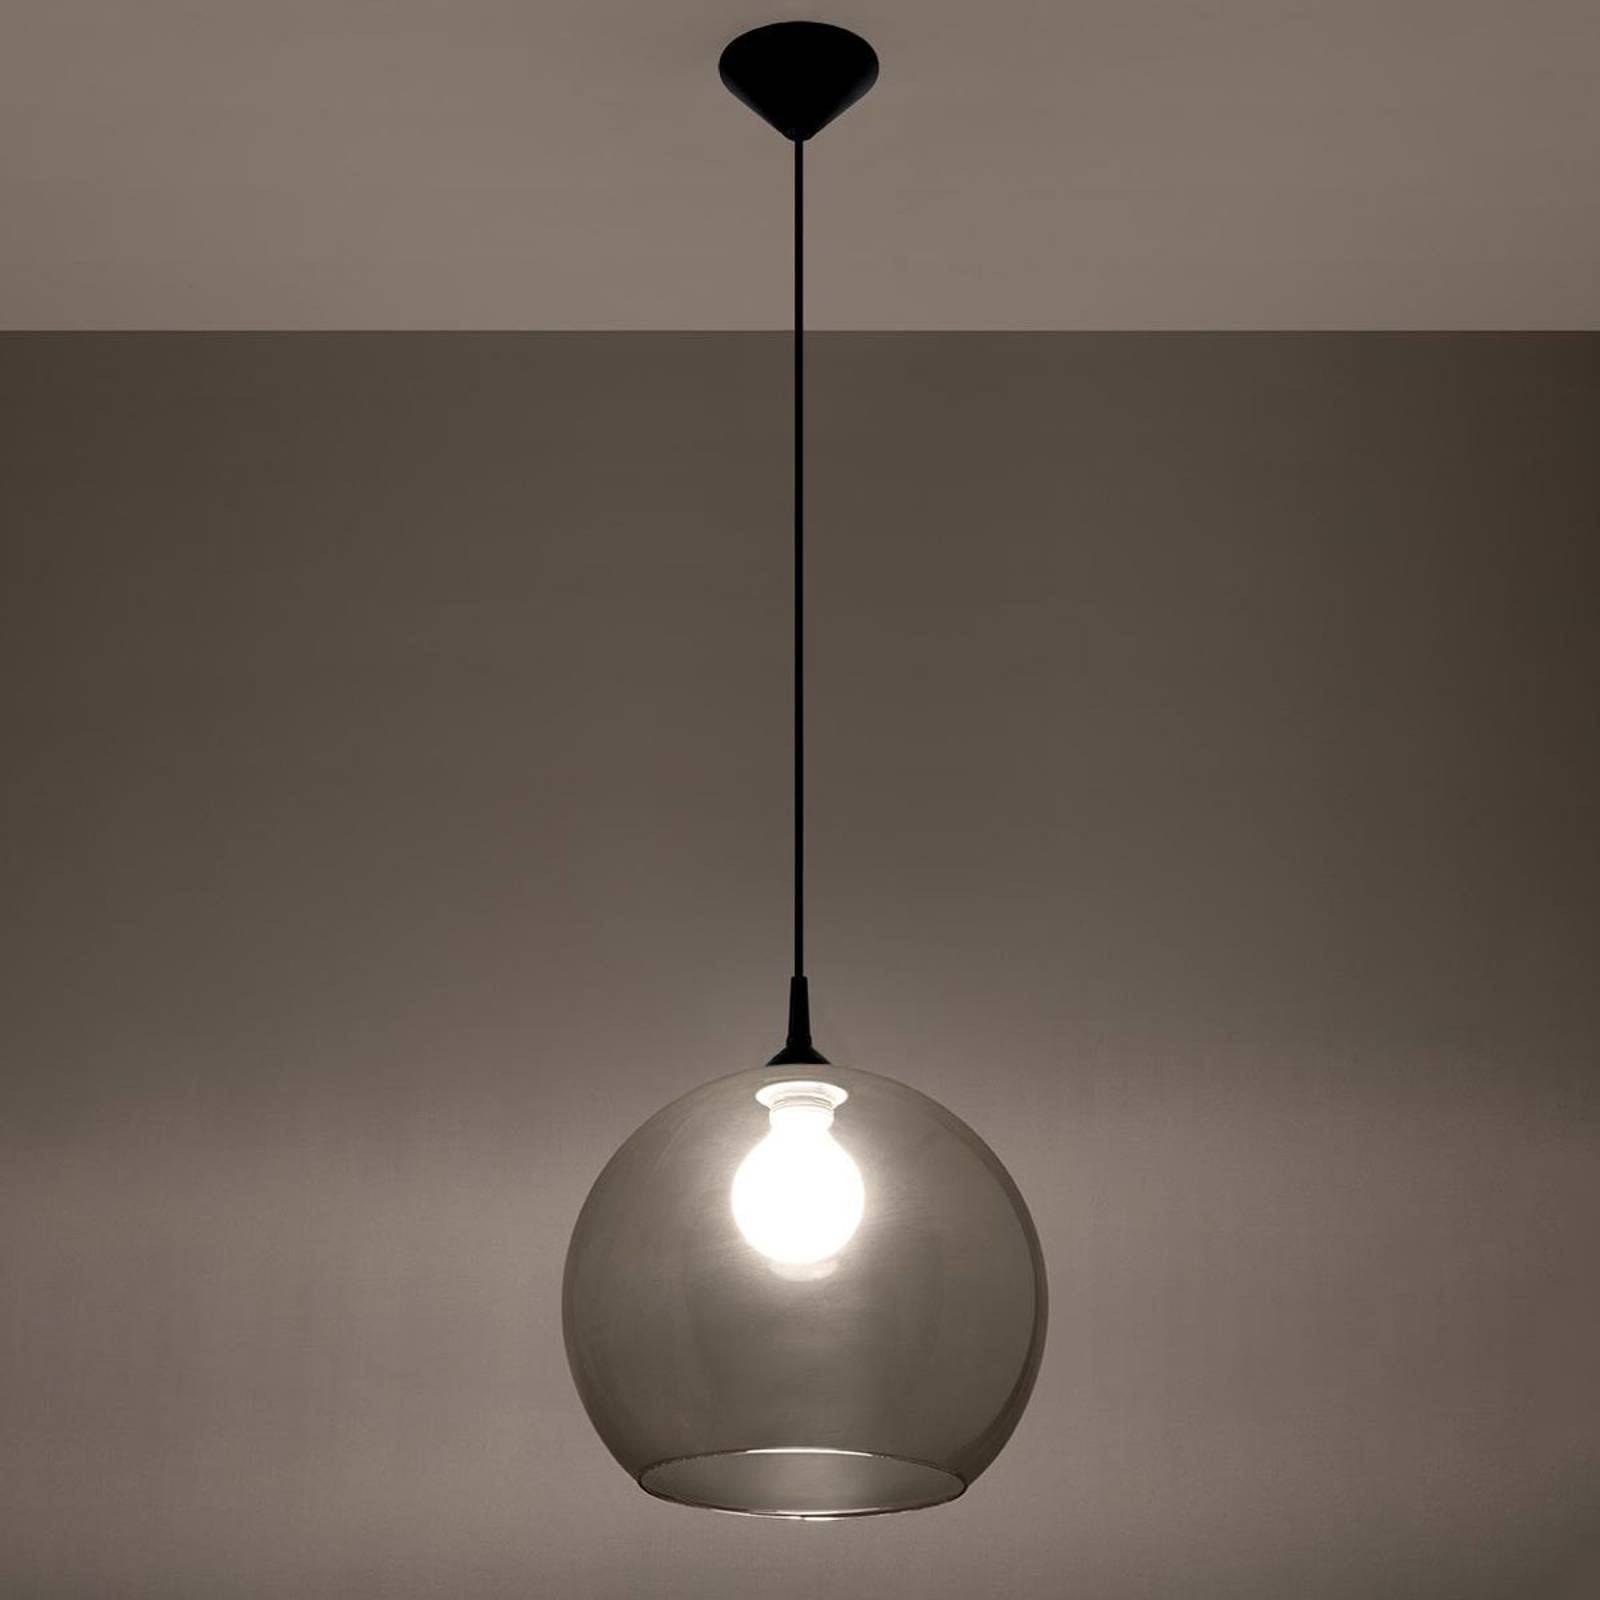 Lampa wisząca Colour szklany klosz szary grafitowy